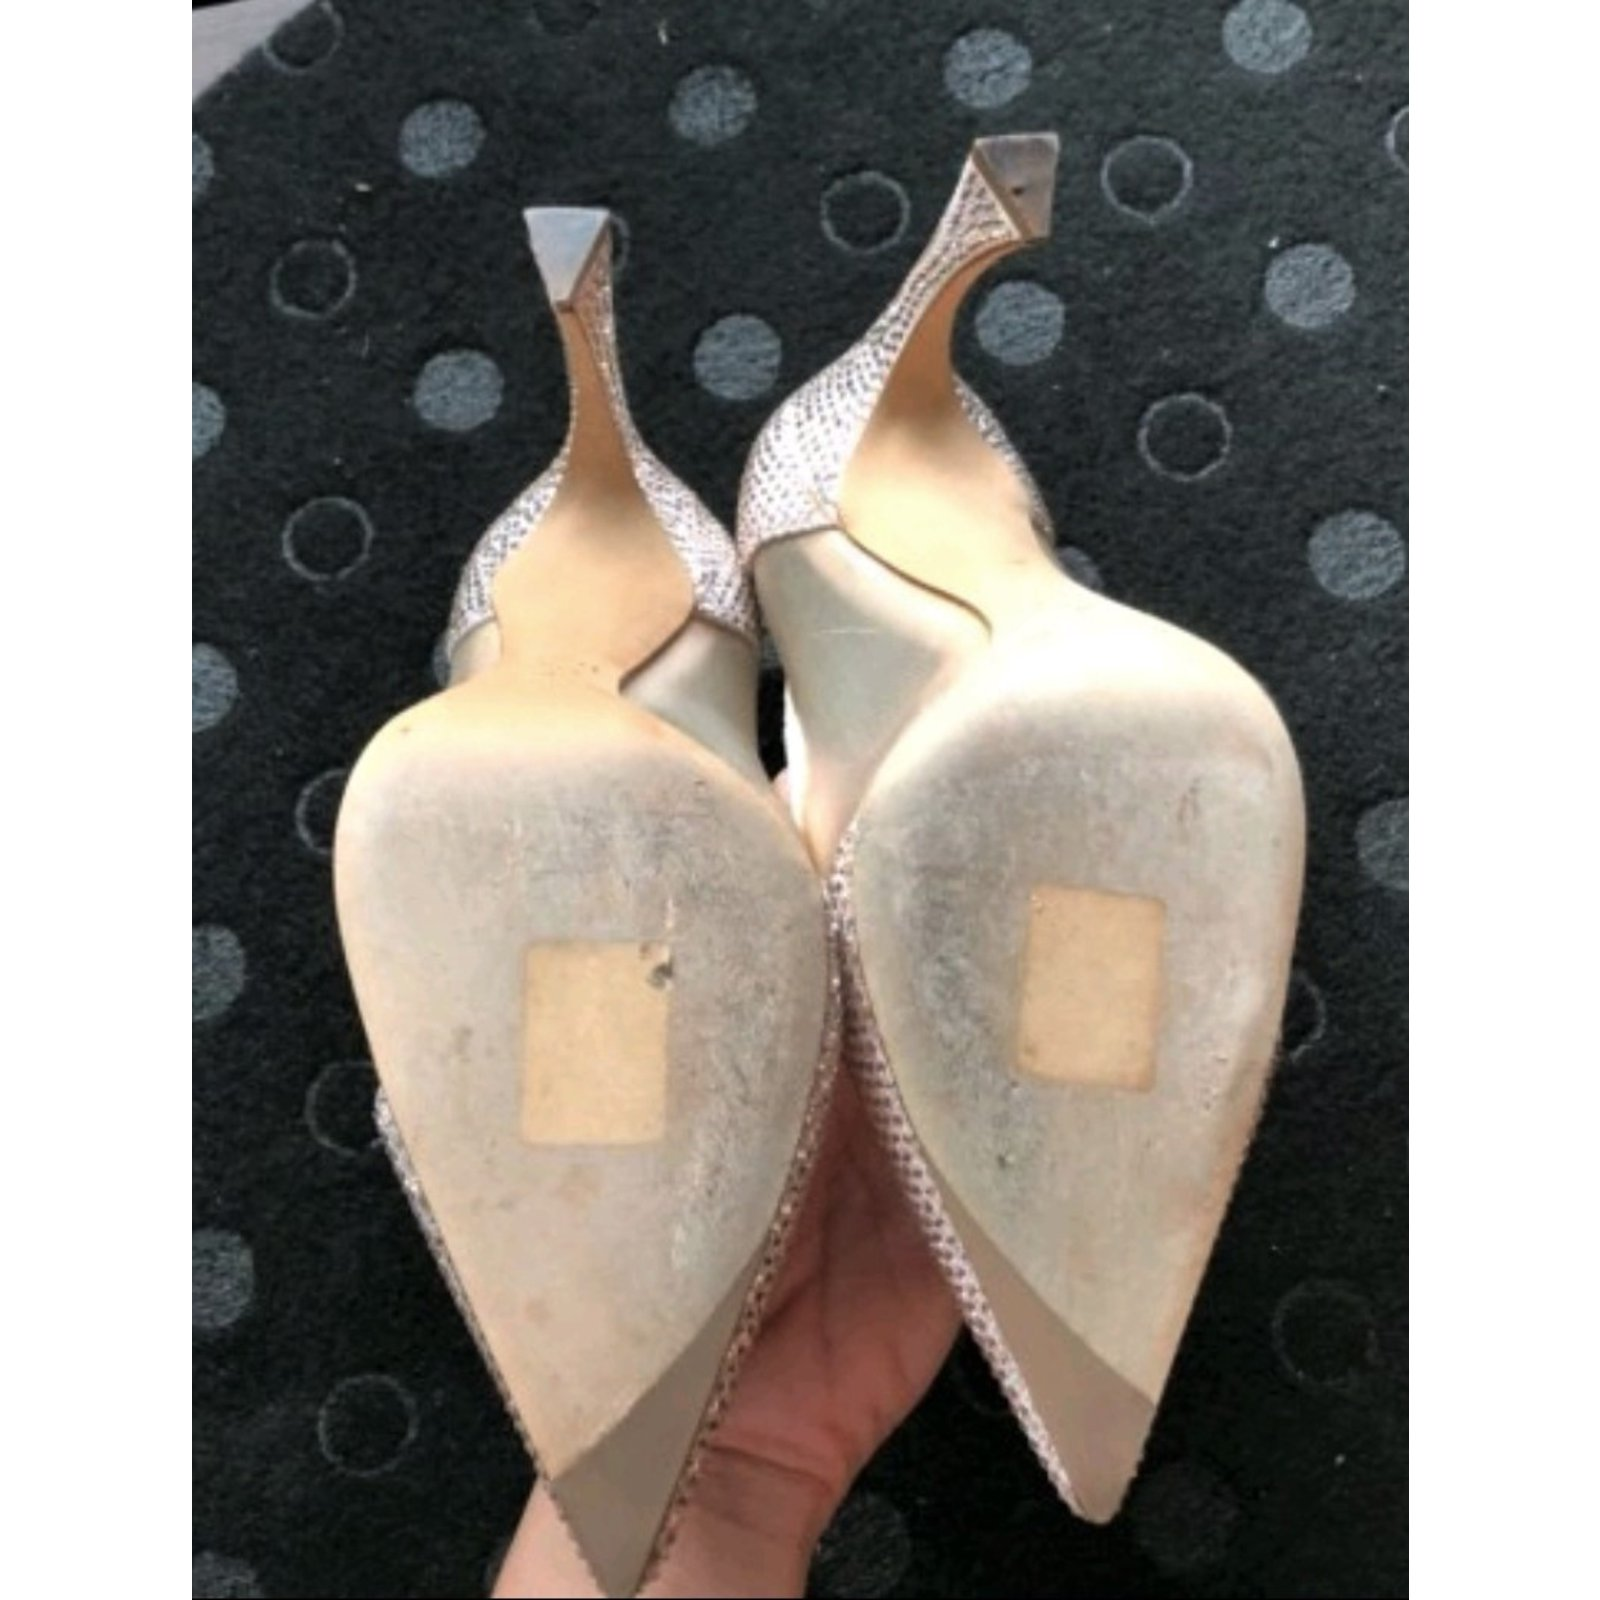 a52d0a7b816 Christian Dior Nude swarovski heels shoes EU 36